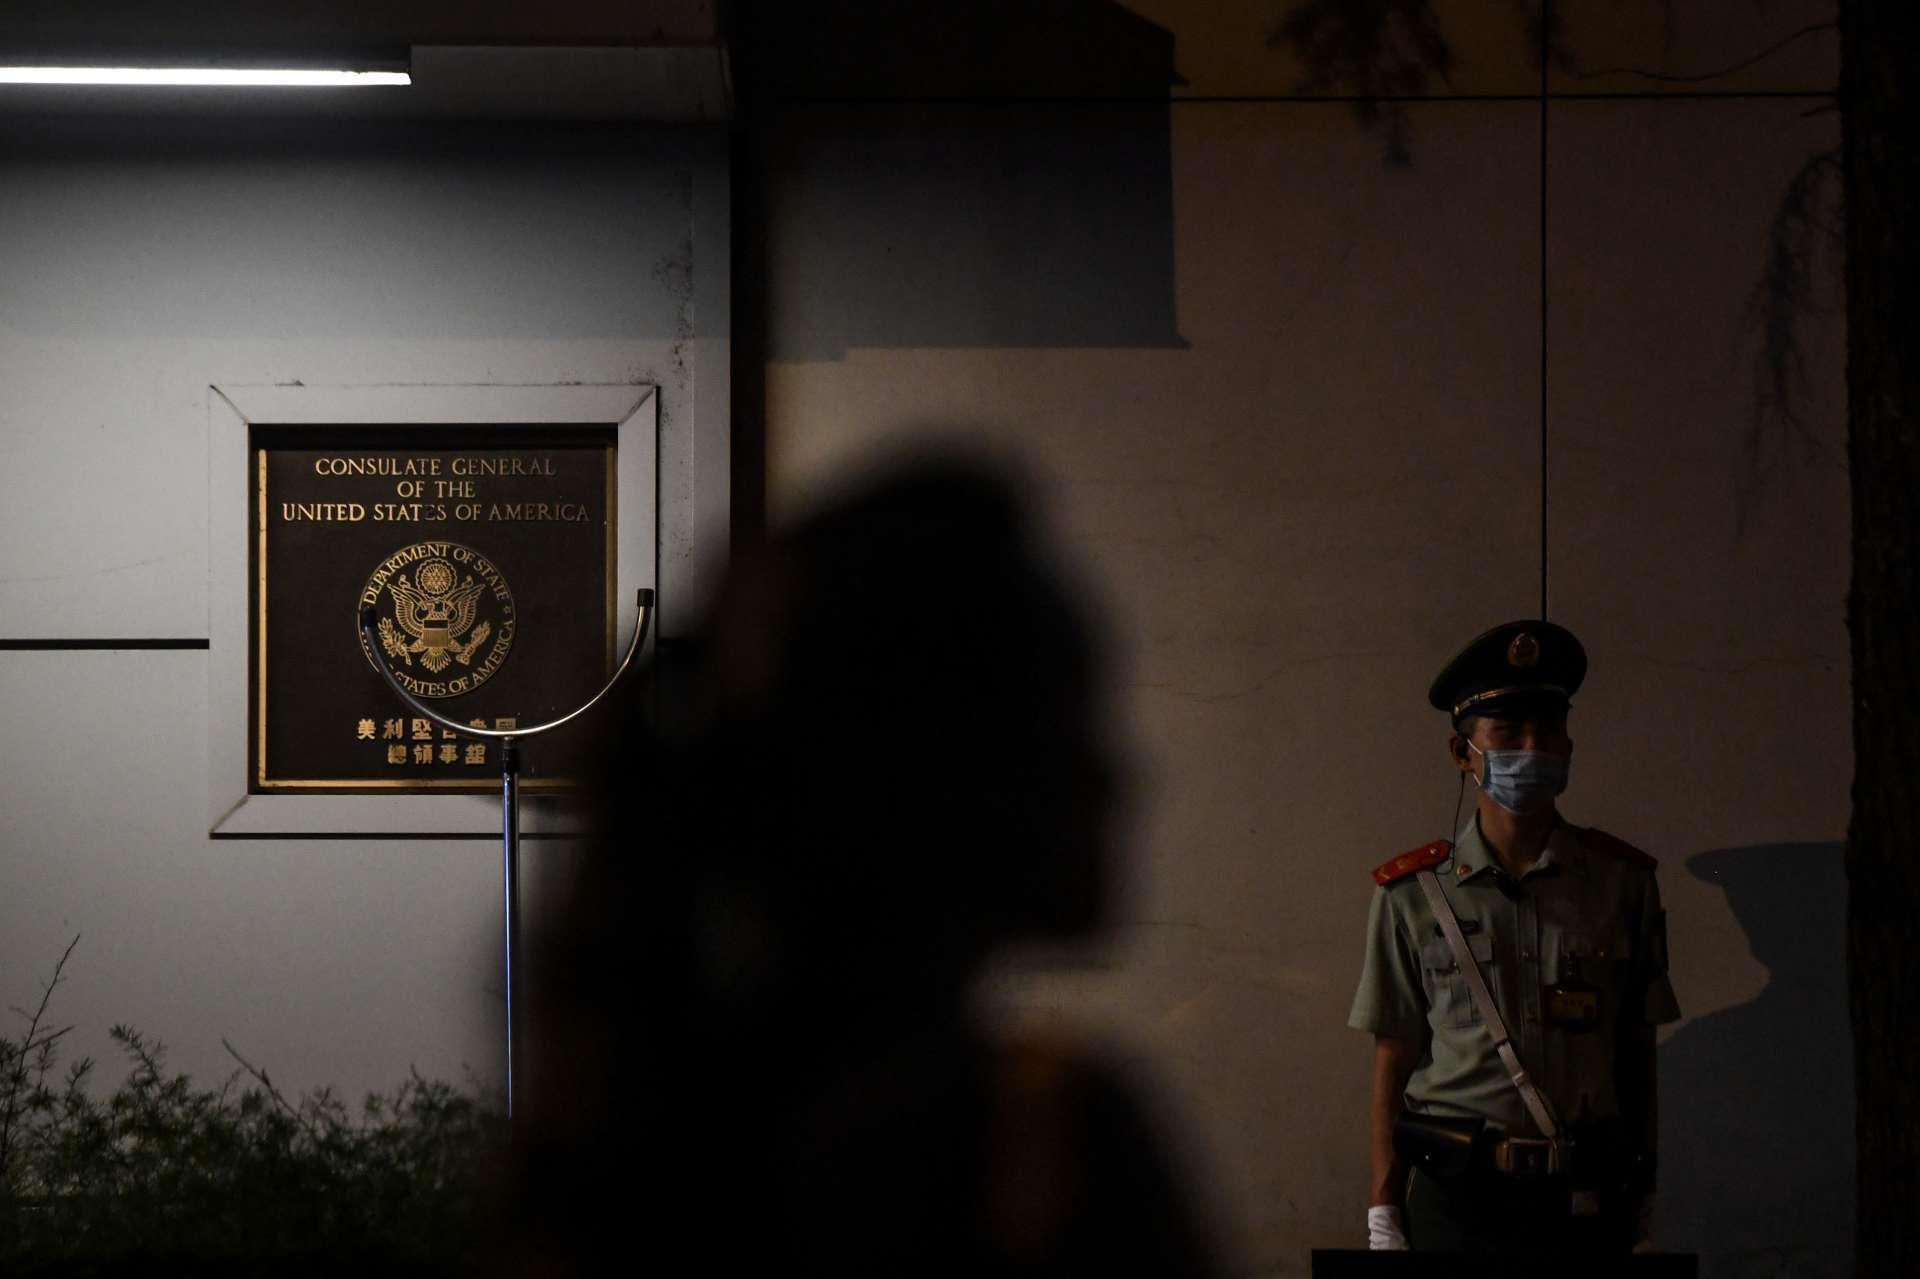 Consulado de Chengdu, fechado no fim do mês de julho, era uma das sete representações diplomáticas americanas em território chinês